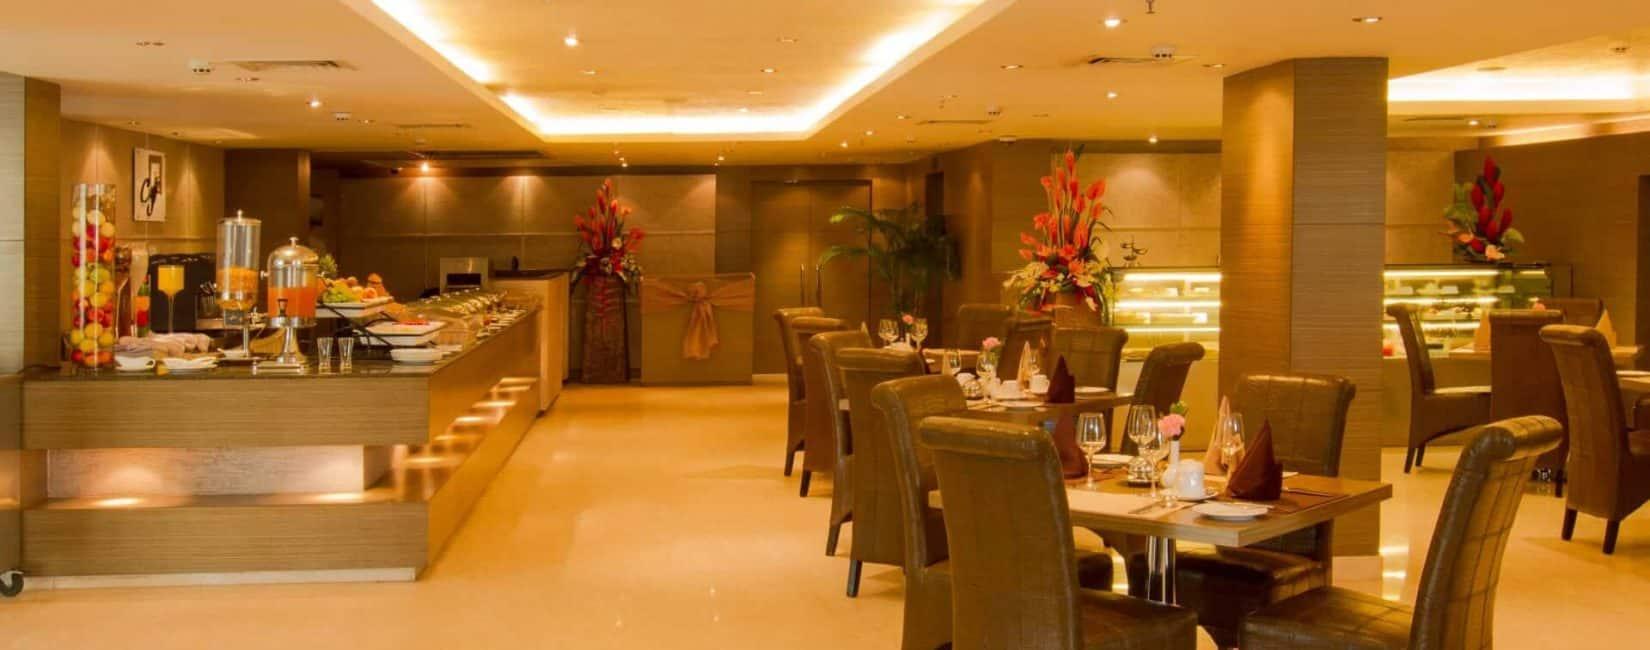 رستوران بوفه باز و کافی شاپ خانوادگی